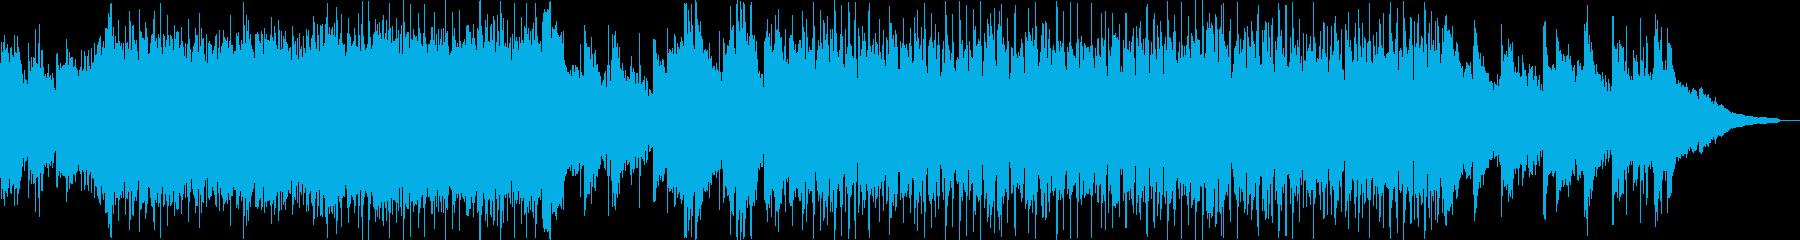 綺麗なピアノのメロの癒し系ポップテクノの再生済みの波形